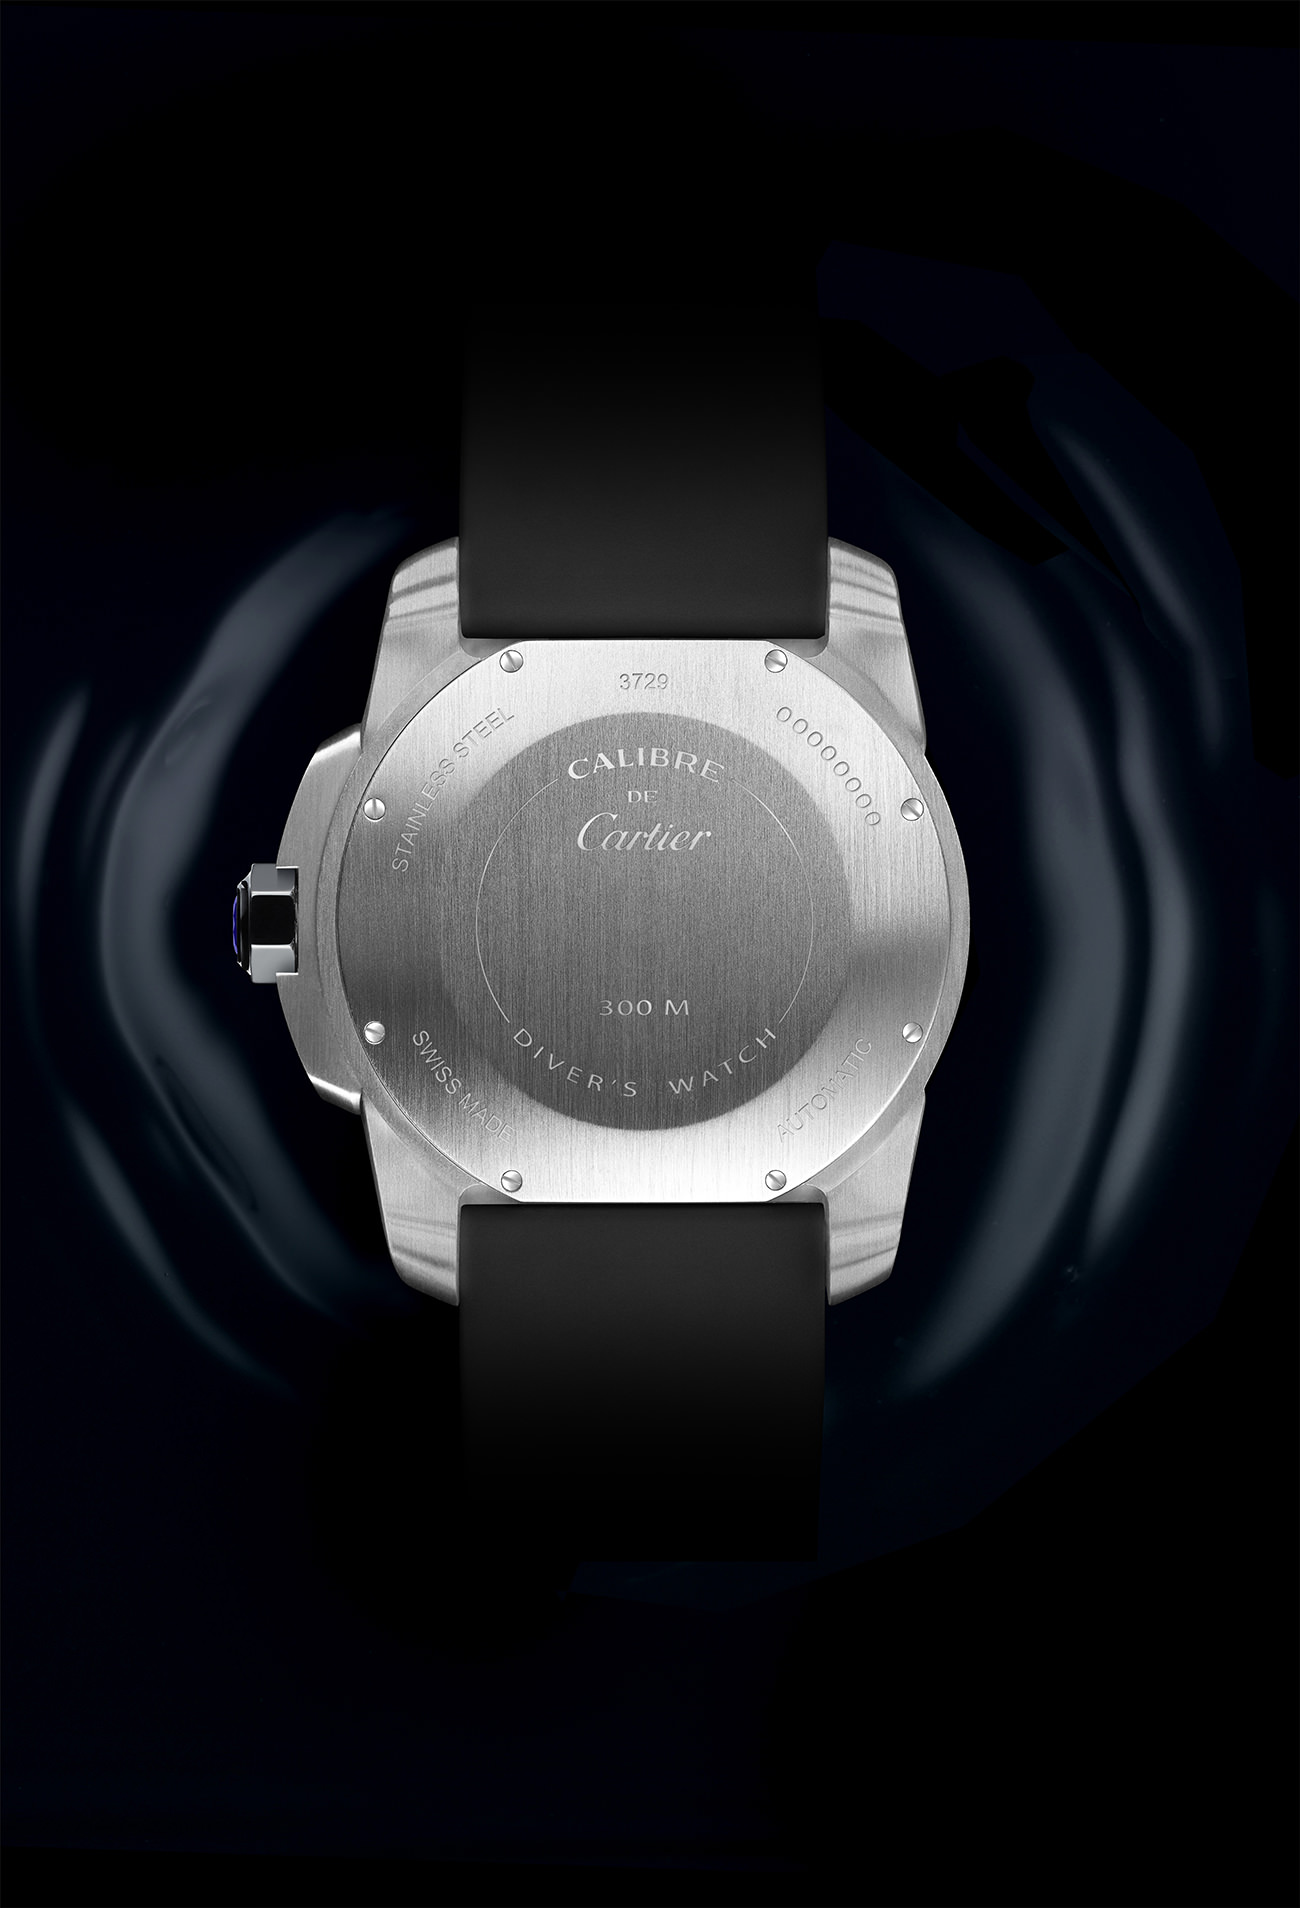 Calibre-Cartier-Diver-7